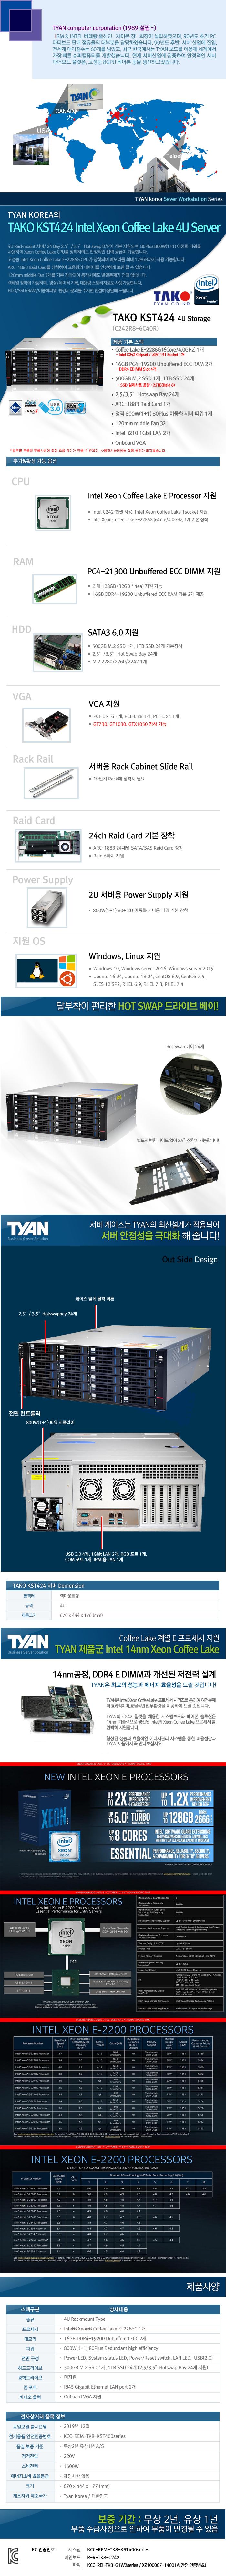 TYAN TAKO-KST424-(C242R8-6C40R) (32GB, M2 500GB + SSD 22TB)